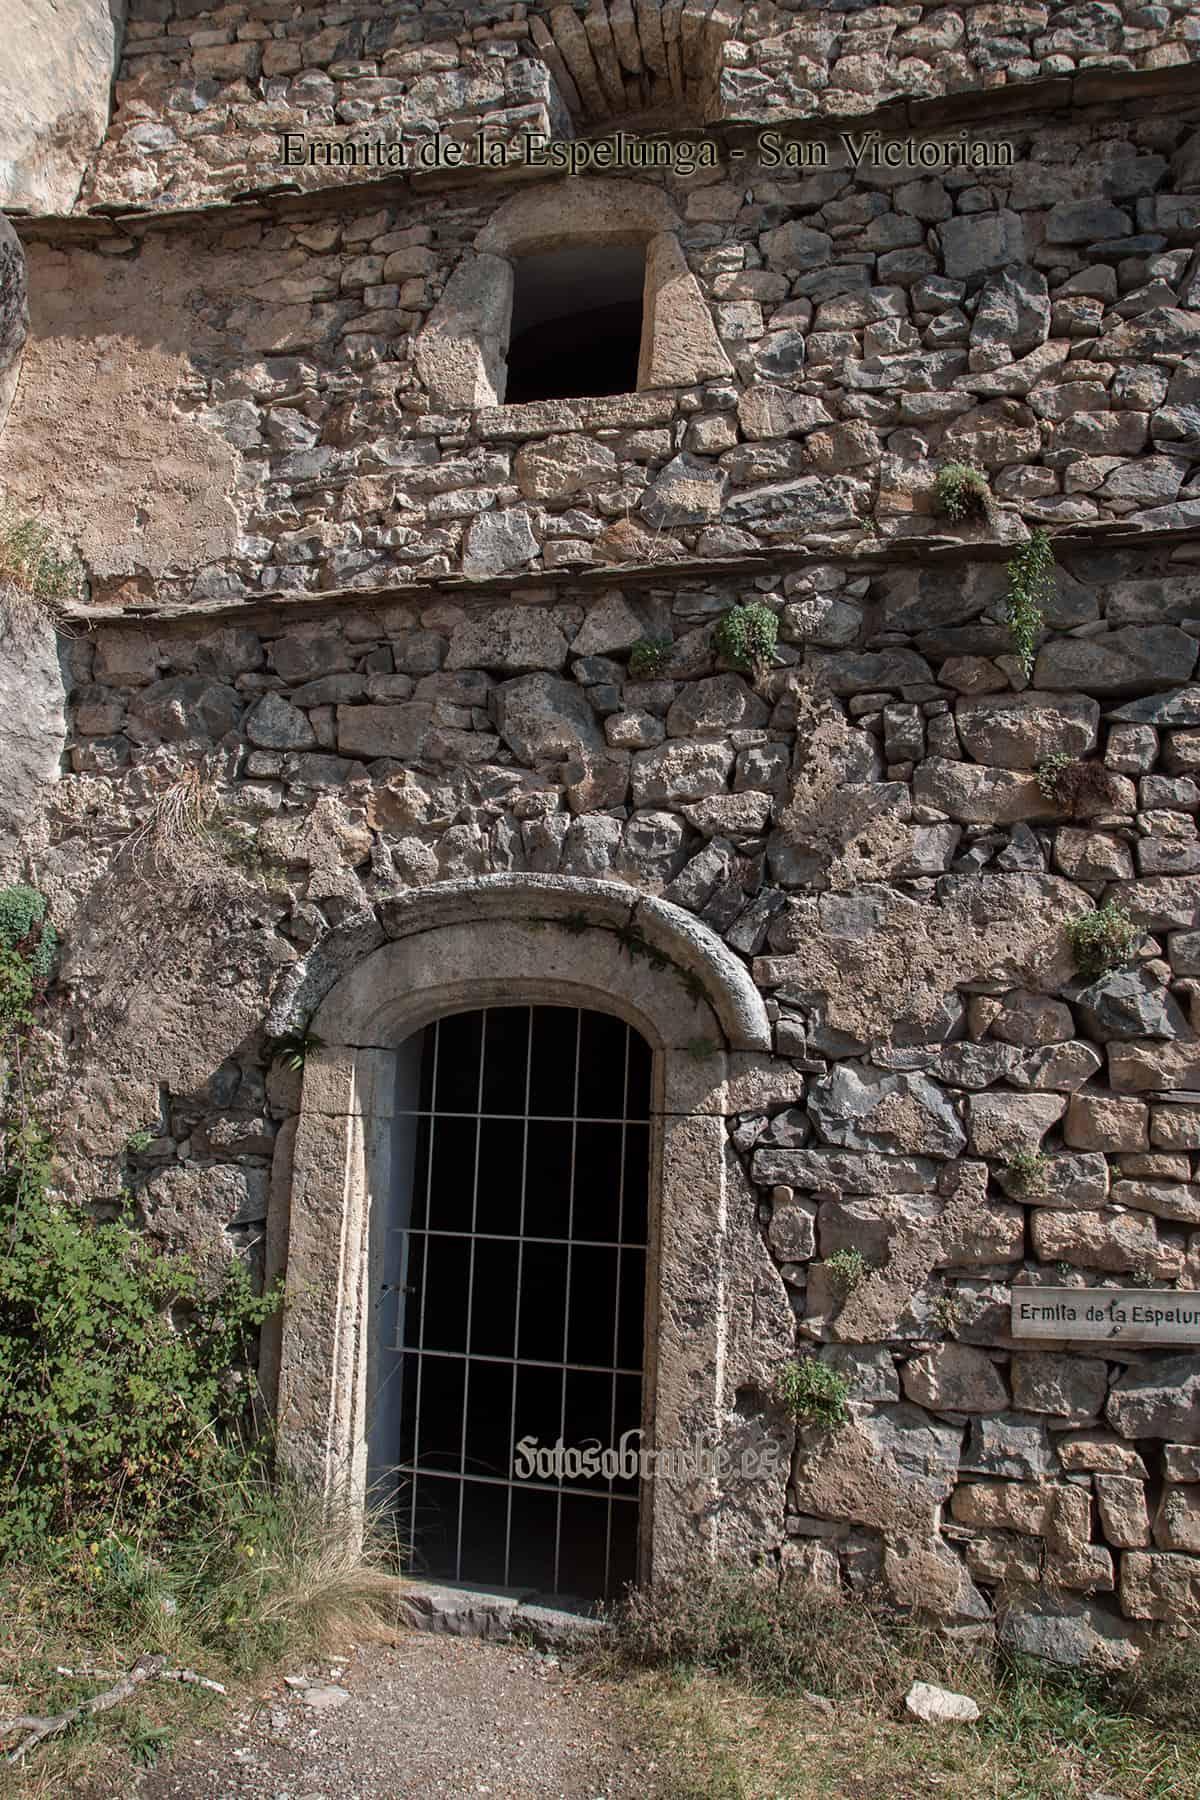 Fachada principal de la ermita de la Espelunca